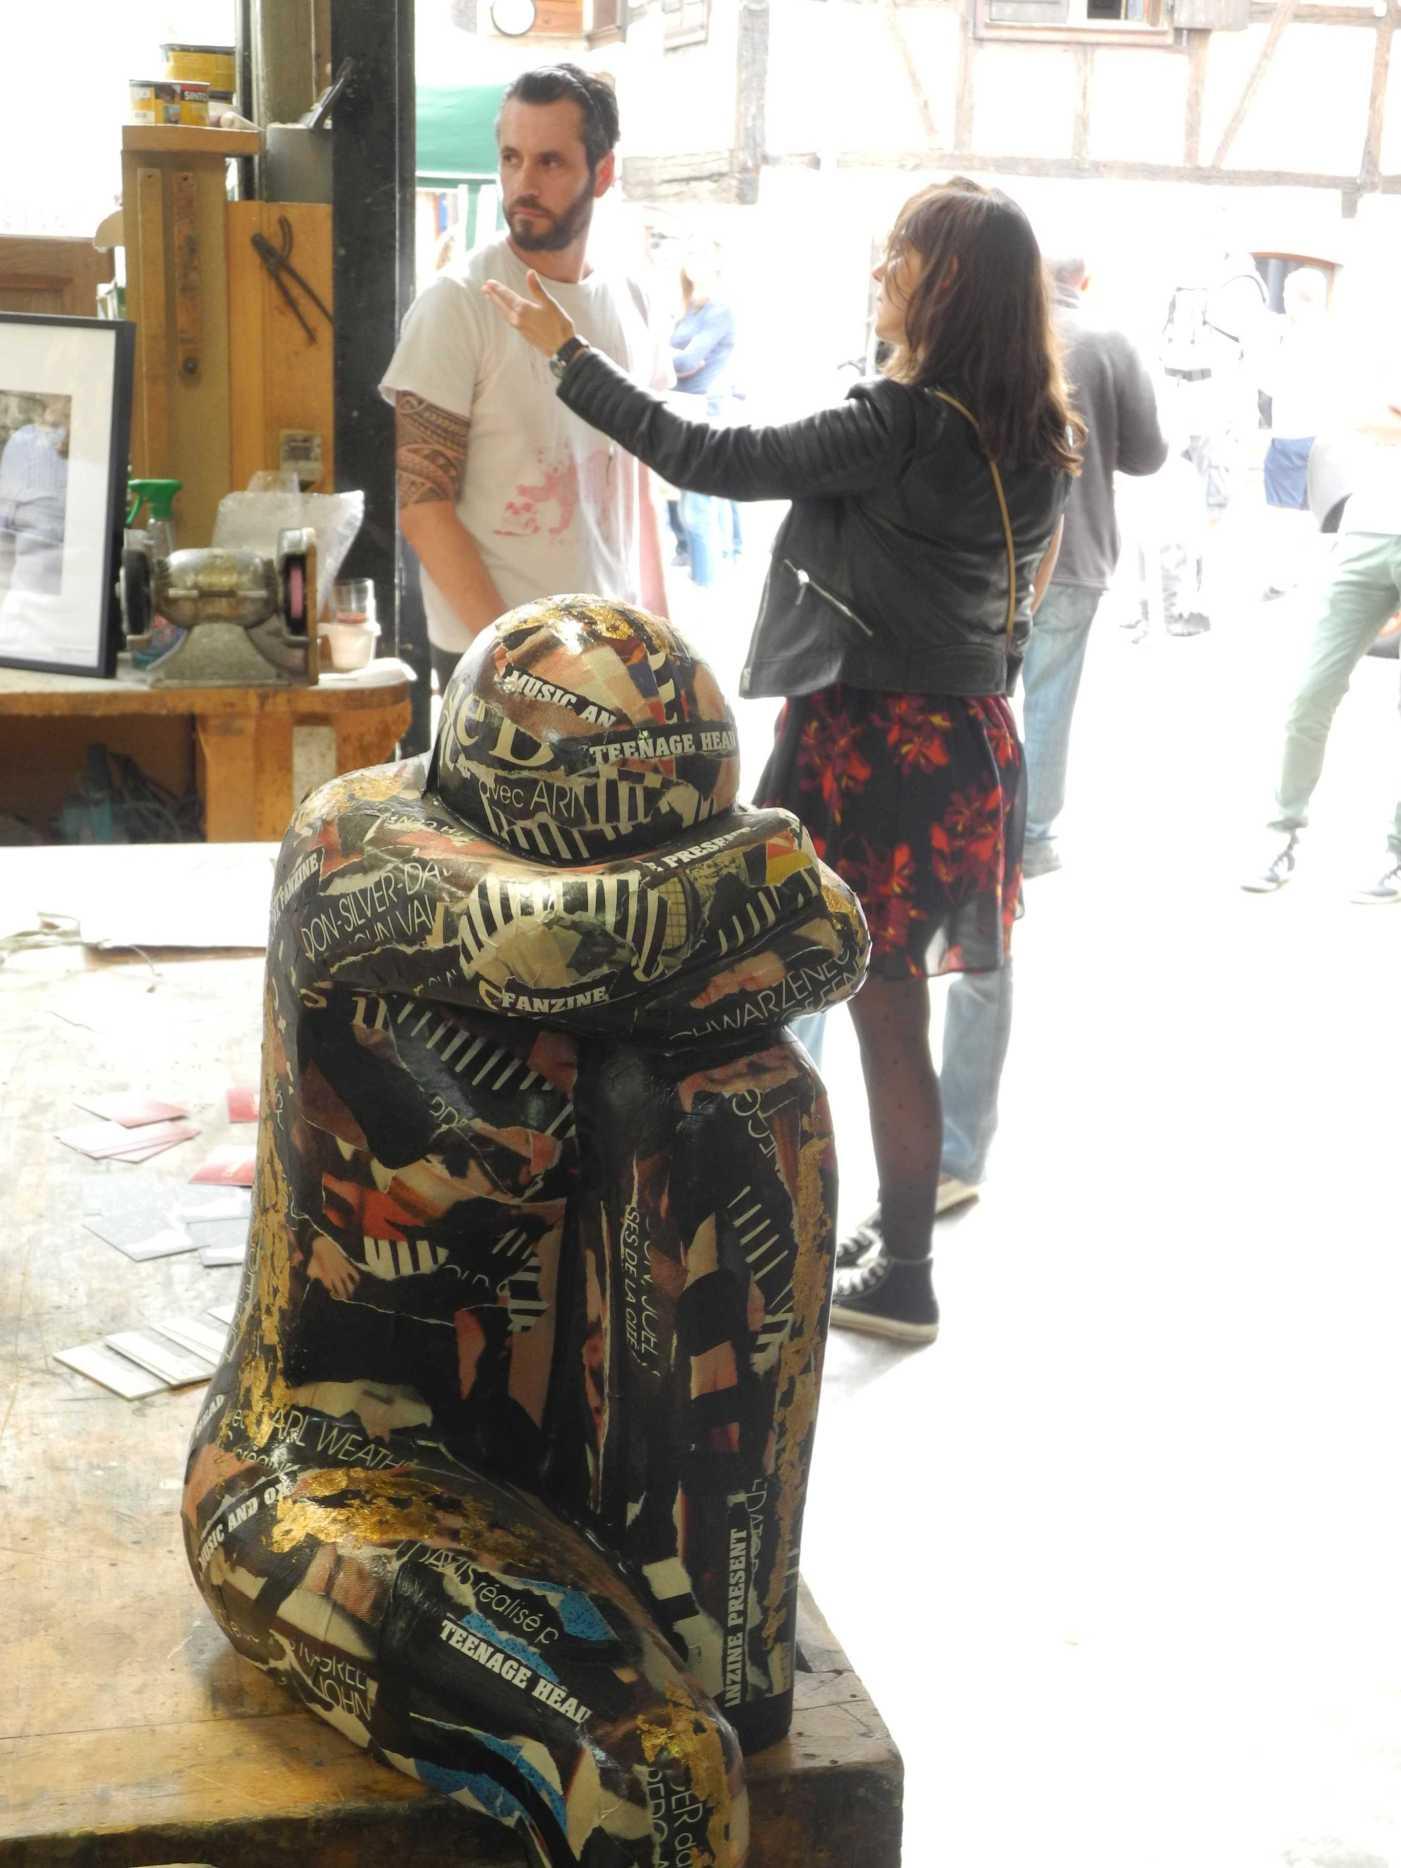 ... vorne Kunst, hinten der Übermaler Thomas Hofmann und die Tuschezeichnerin Véronique Archambault, die beide in der Tischlerei Boeckel ausstellten